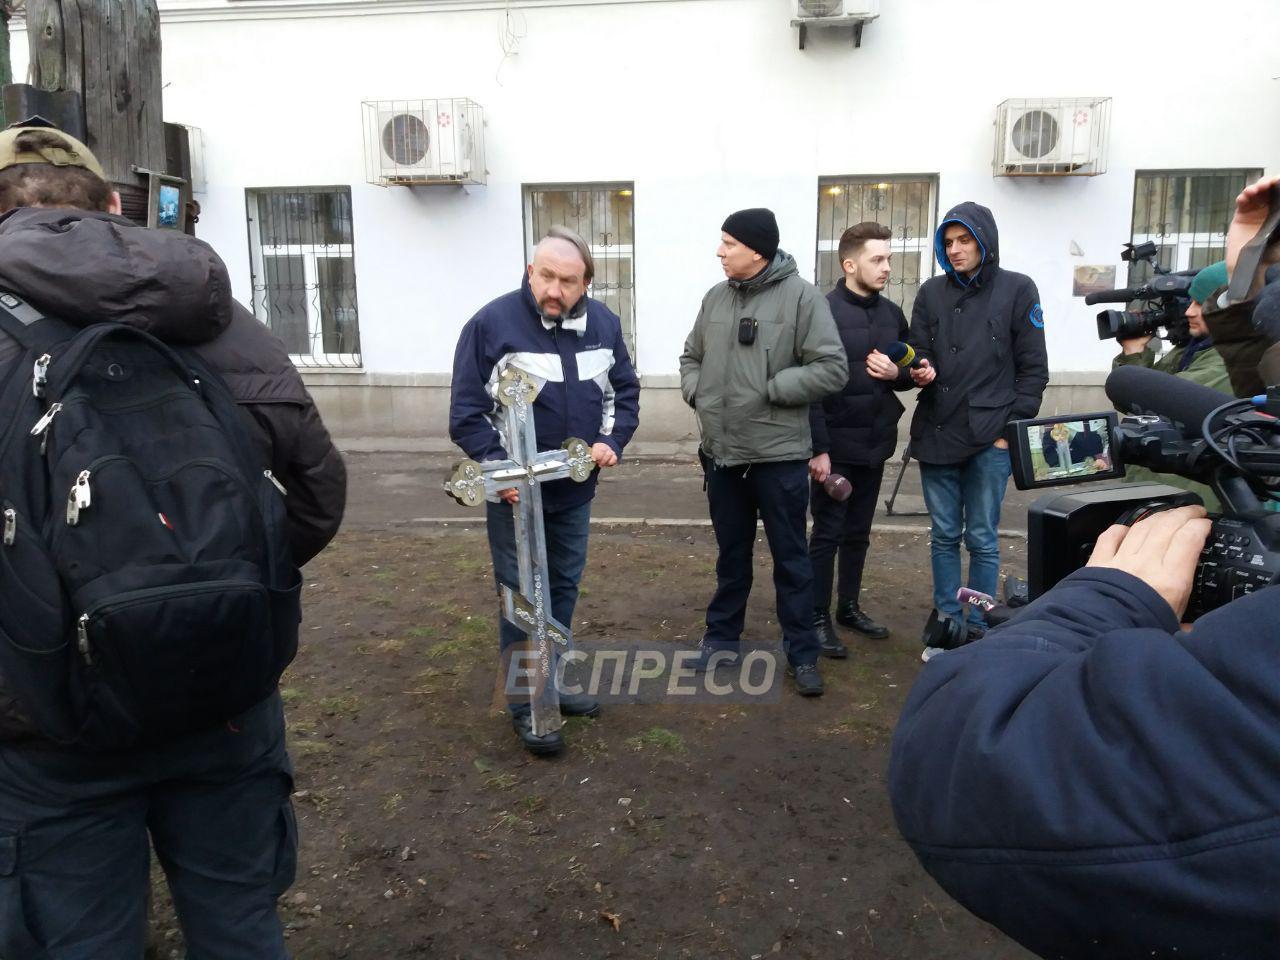 Lviv - Ukraine News in brief. Friday 2 February. [Ukrainian sources] Im-hrest5